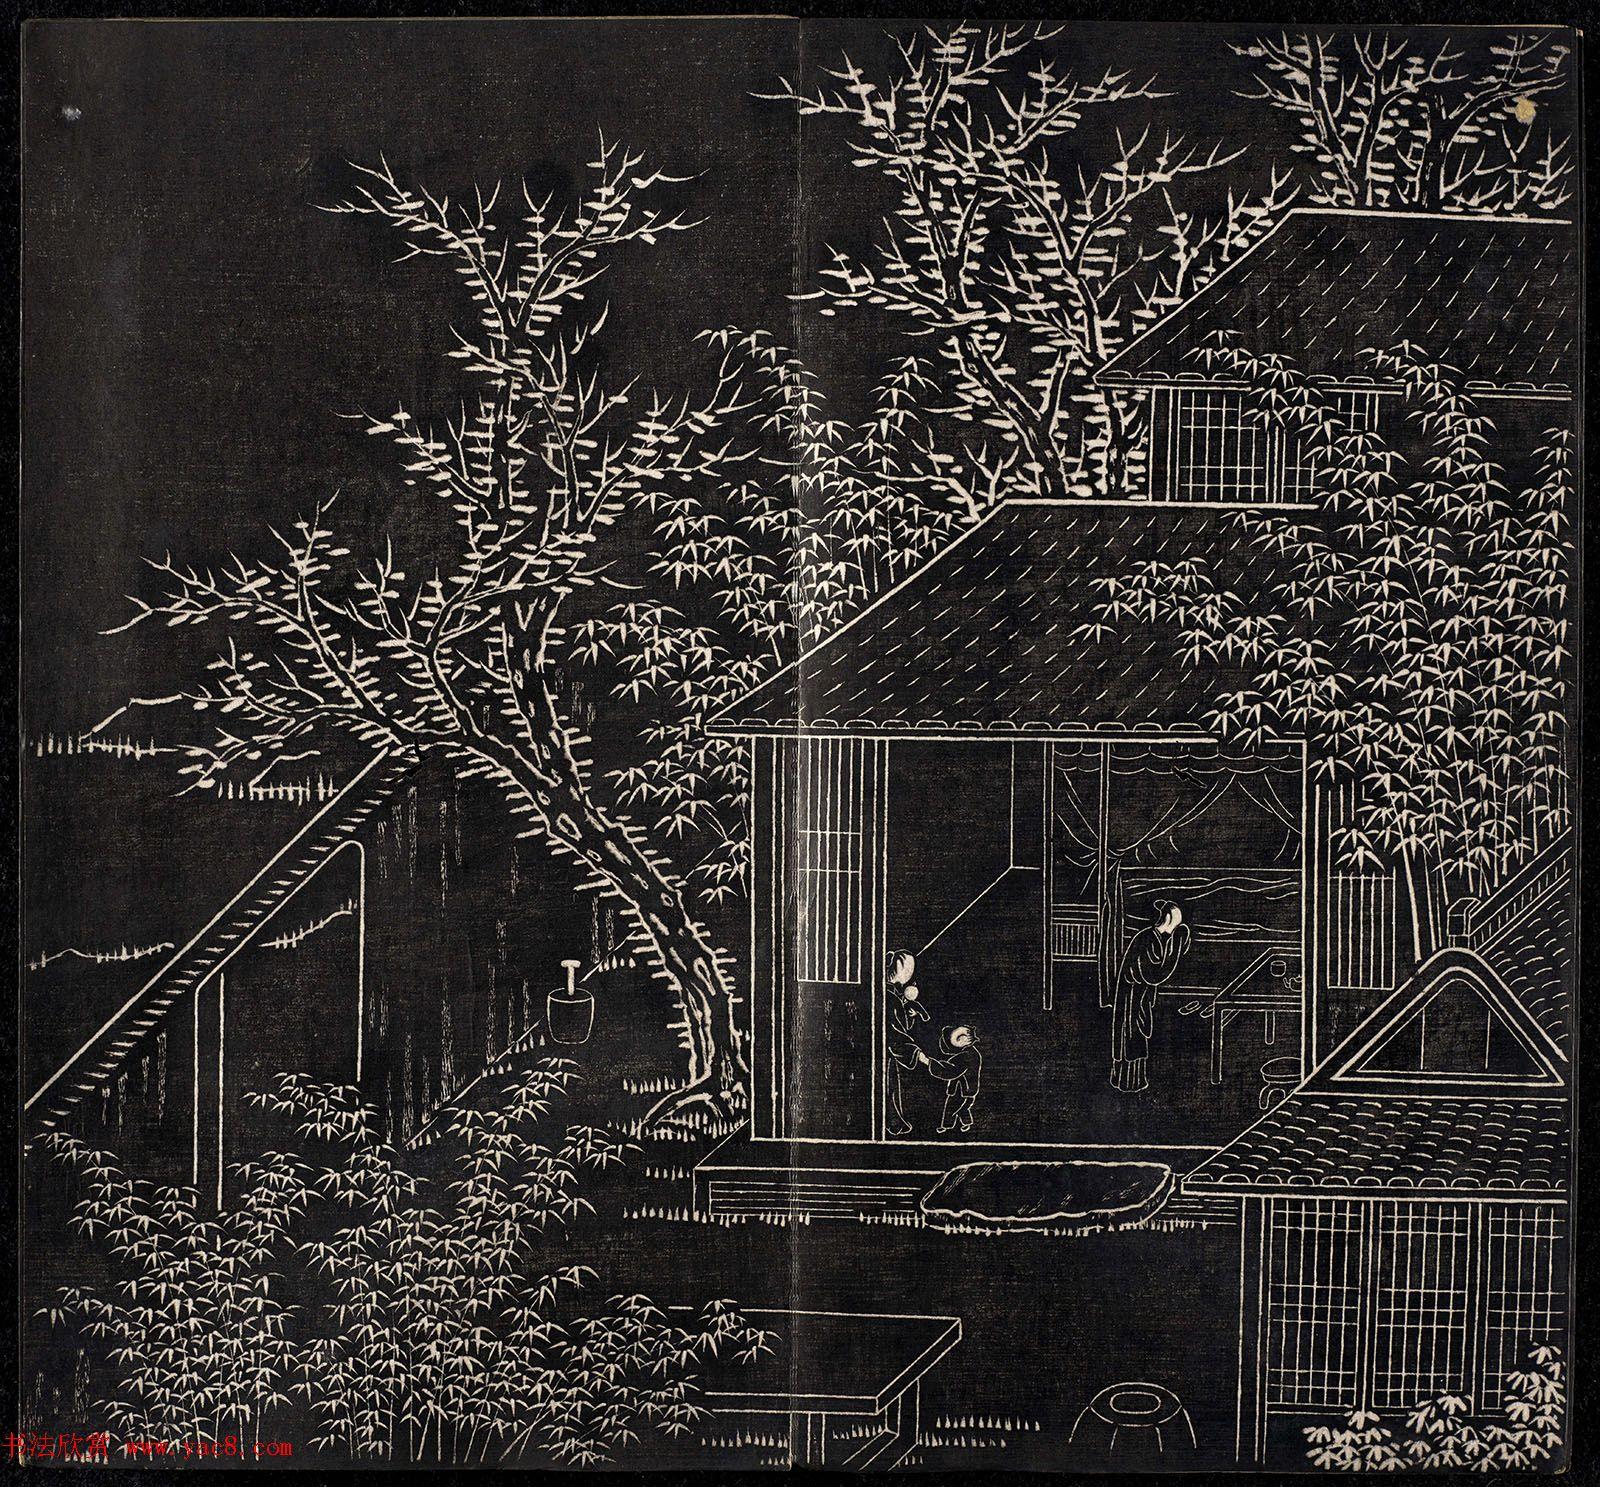 清代书法家王寿康题写改琦绘《节孝事实图》